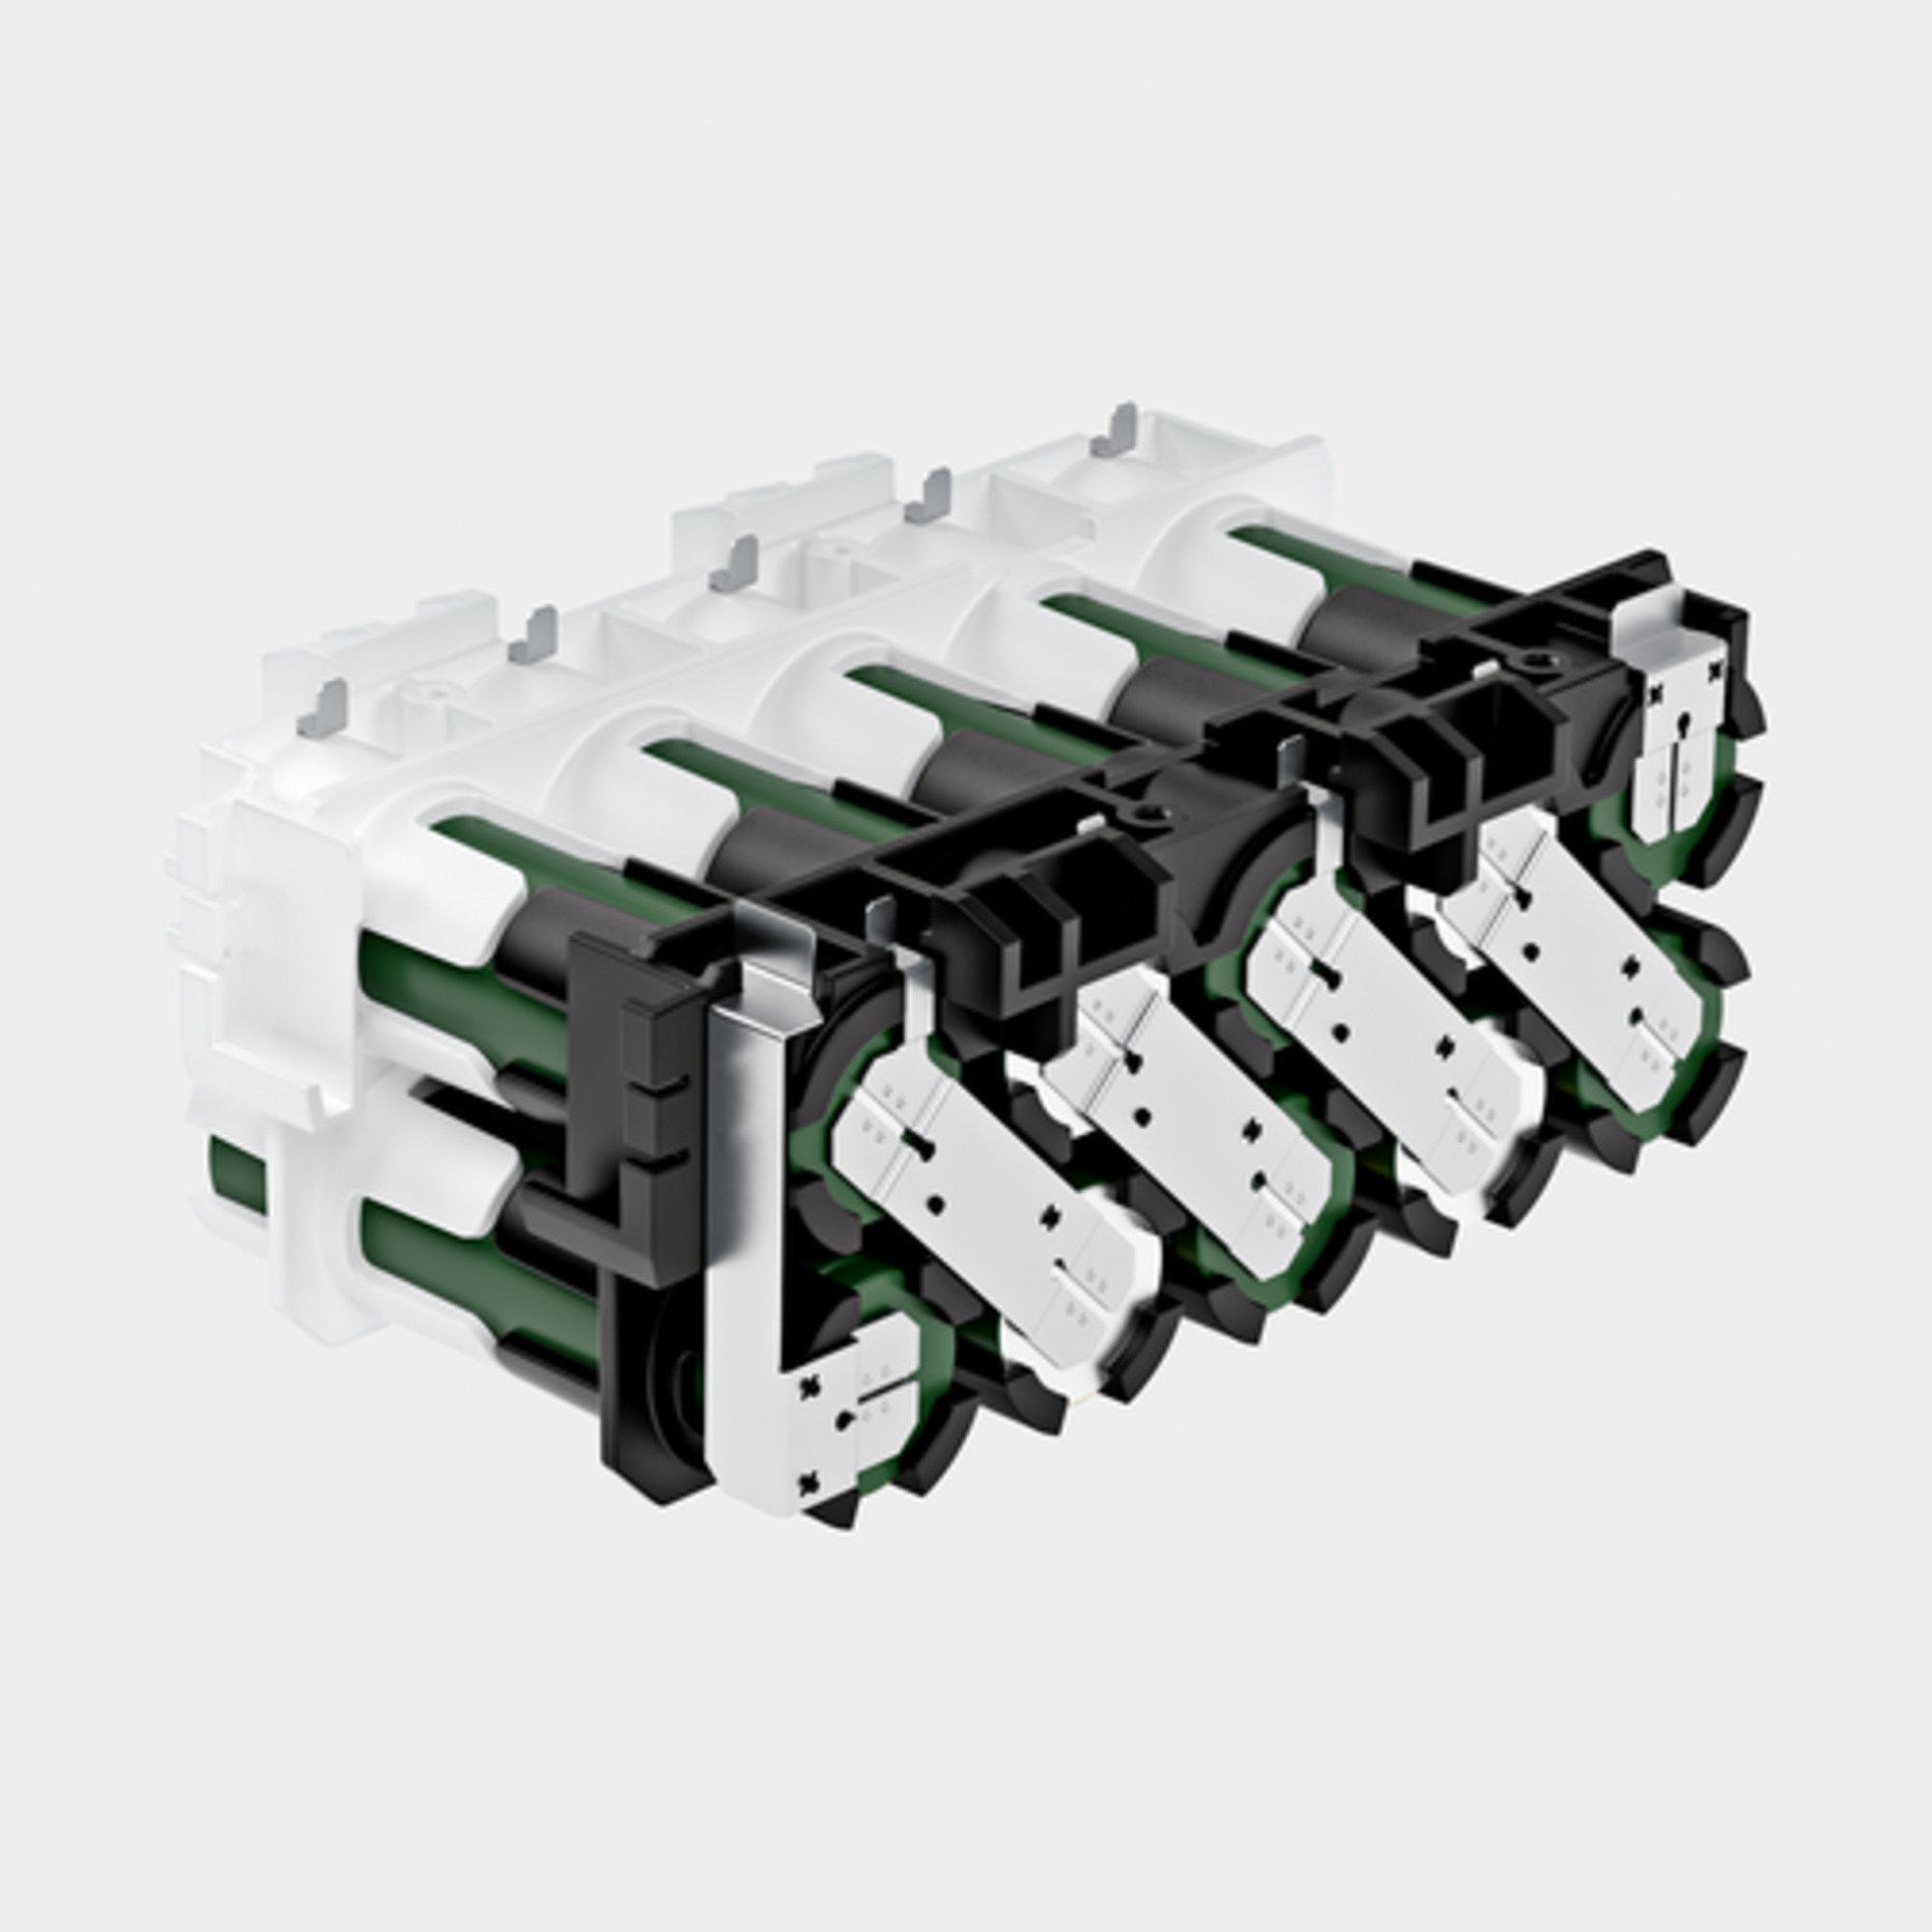 Battery power vahetatav aku 36/25: Võimsad liitiumioon akuelemendid